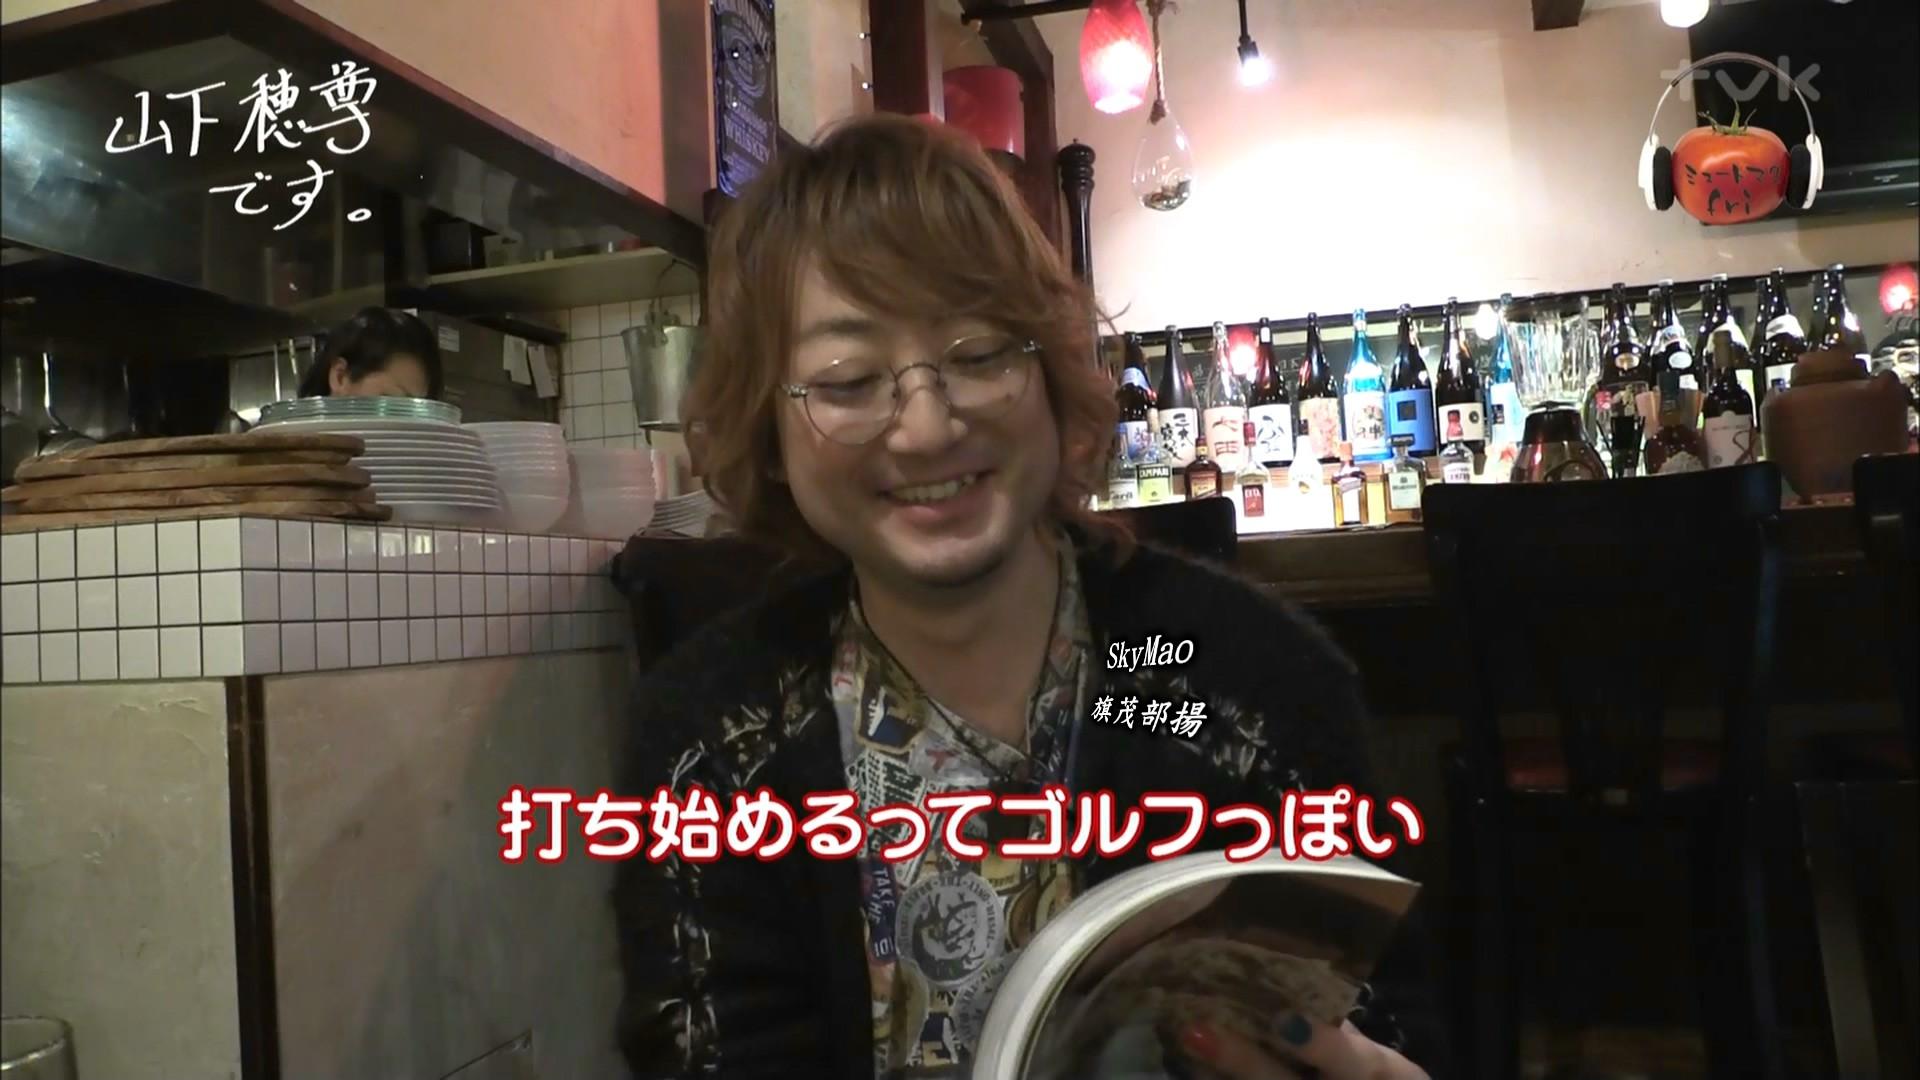 2017.04.21 全場(ミュートマ2).ts_20170422_005838.336